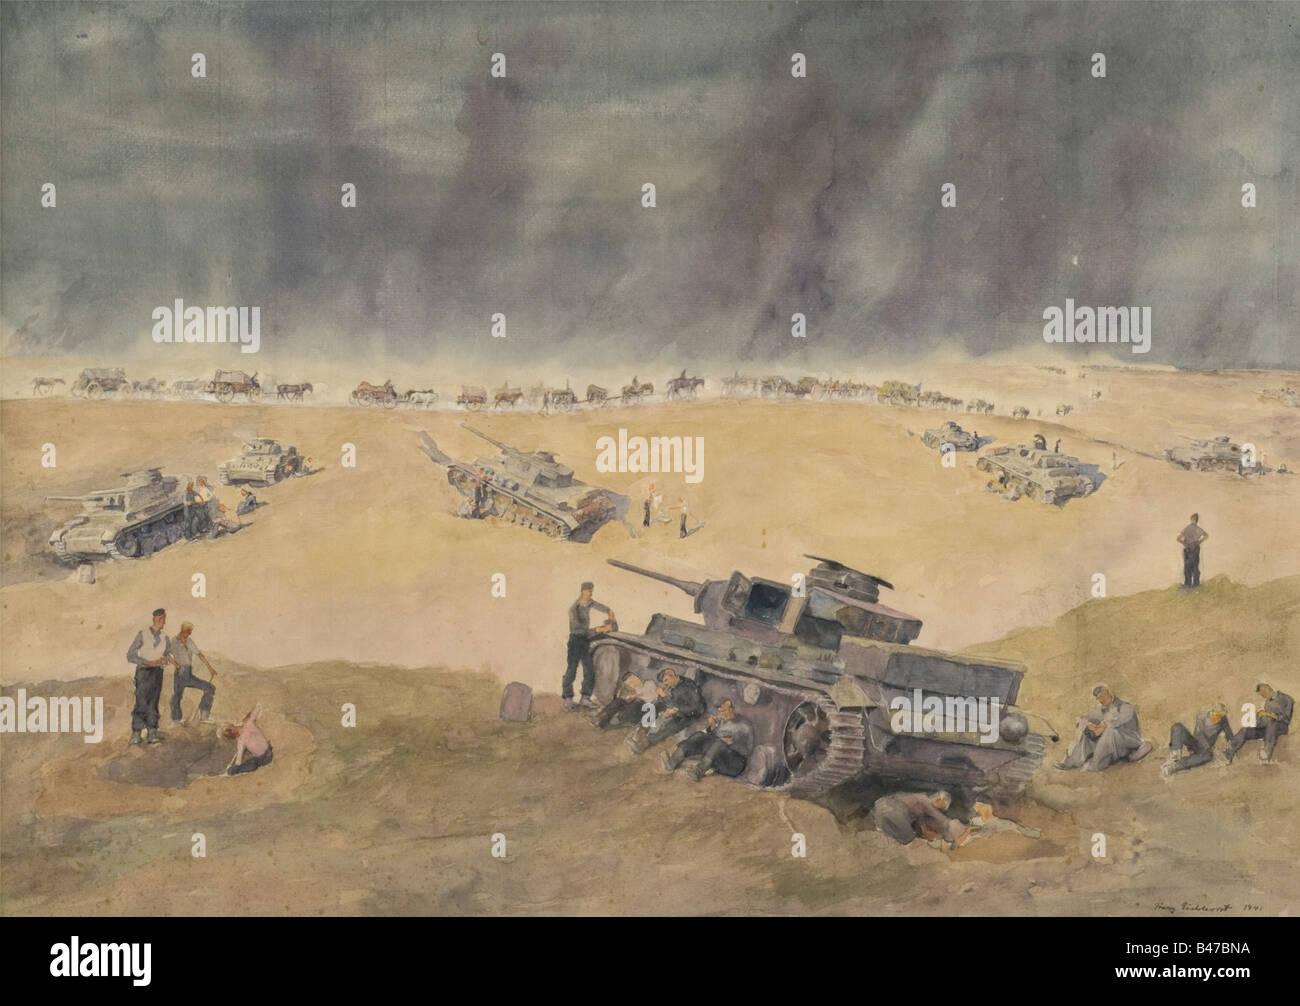 Réservoirs en position de veille à l'aéroport de Pitomnik, grande peinture aquarelle. Signé et daté dans le coin inférieur droit « Franz Eichhorst 1941 ». 48 x 63 cm. Dans un support avec des étiquettes d'inventaire de la Grande exposition d'art allemand 1943 au dos. Cf. Catalogue 'Grosse Deutsche Kunstellung 1943' dans la Haus der Kunst à Munich, exposition numéro 187, hall 30. Pitomnik était l'aéroport de Stalingrad, qui fut repris par les Russes le 16 janvier 1943. Historique, historique, peuple, années 1930, XXe siècle, beaux-arts, art, NS, socialisme national, nazisme, troisième Reic, Banque D'Images